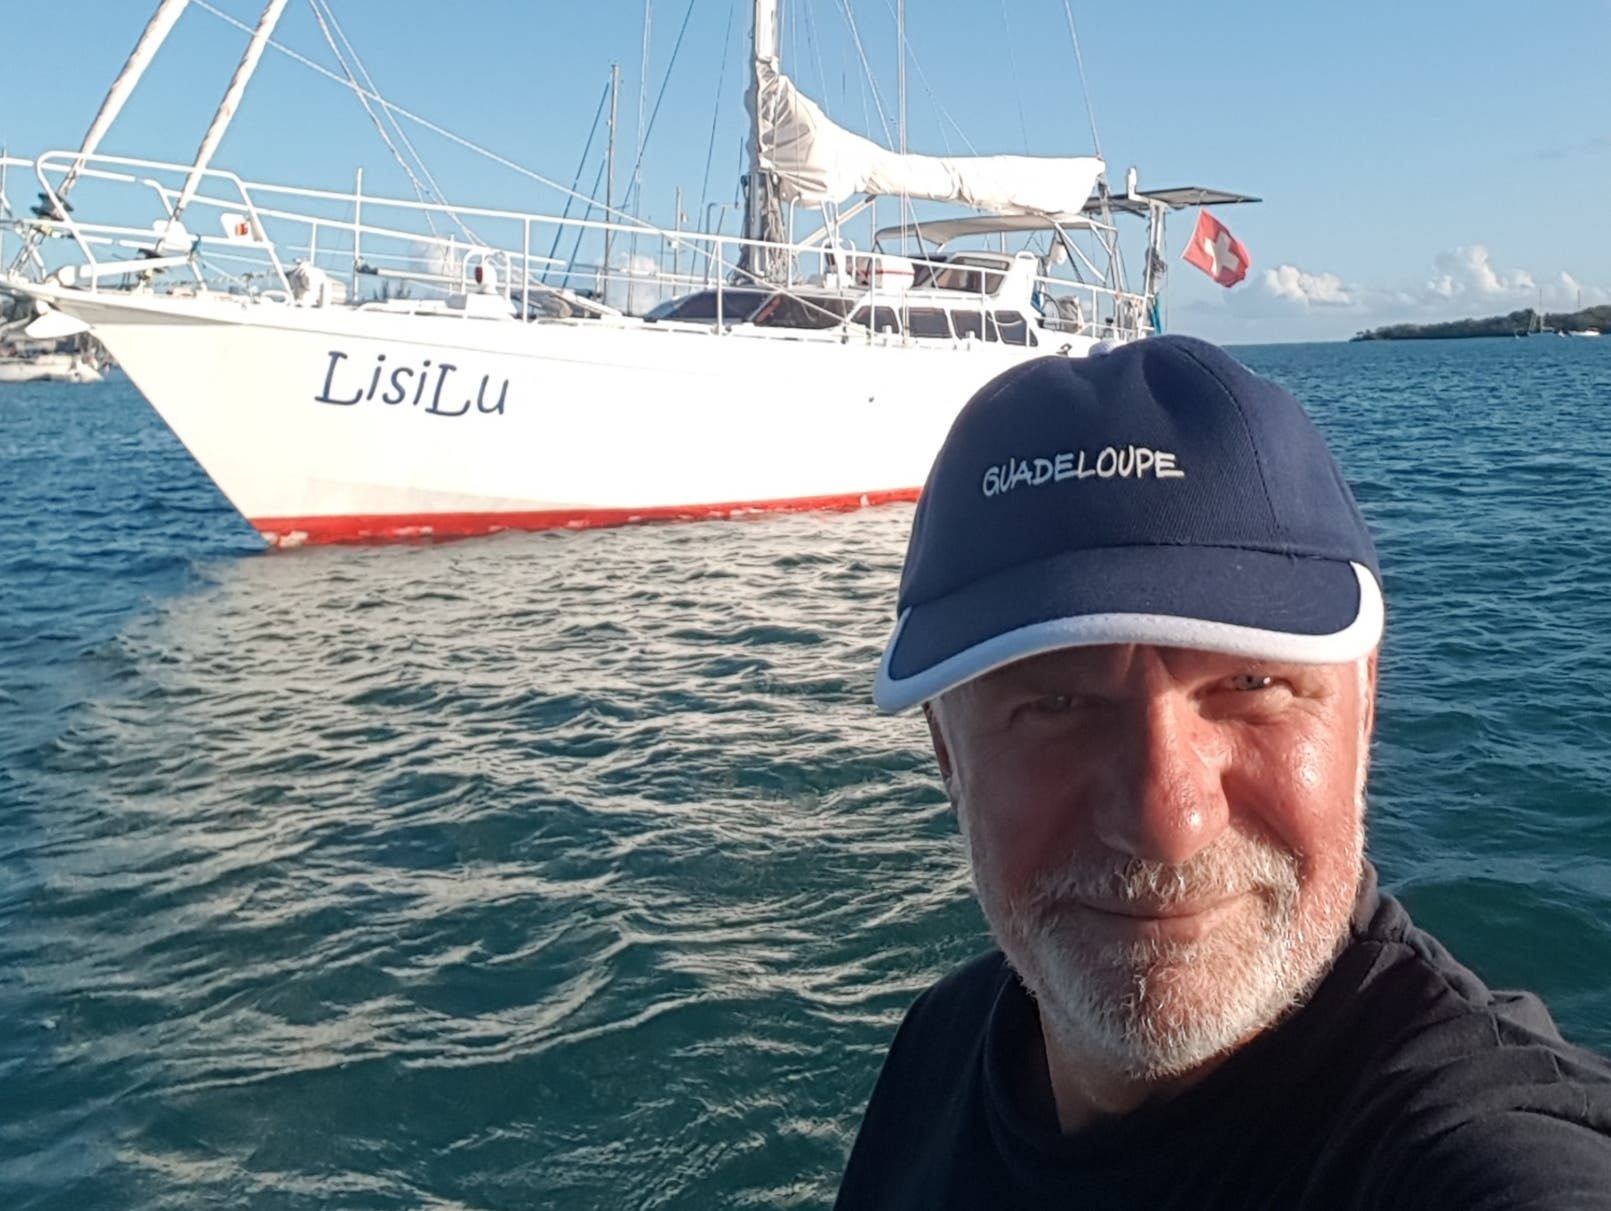 Werner Ottiger (57) aus Rothenburg sitzt mit seinem Segelboot in der Karibik fest: «Zurzeit kann ich der Situation viel Positives abgewinnen. Ich kann Reparaturarbeiten an meinem Segelboot erledigen, die ich bisher aufgeschoben habe und es ist spannend auf diese Weise Kontakte zu anderen Seglern aufzubauen.»